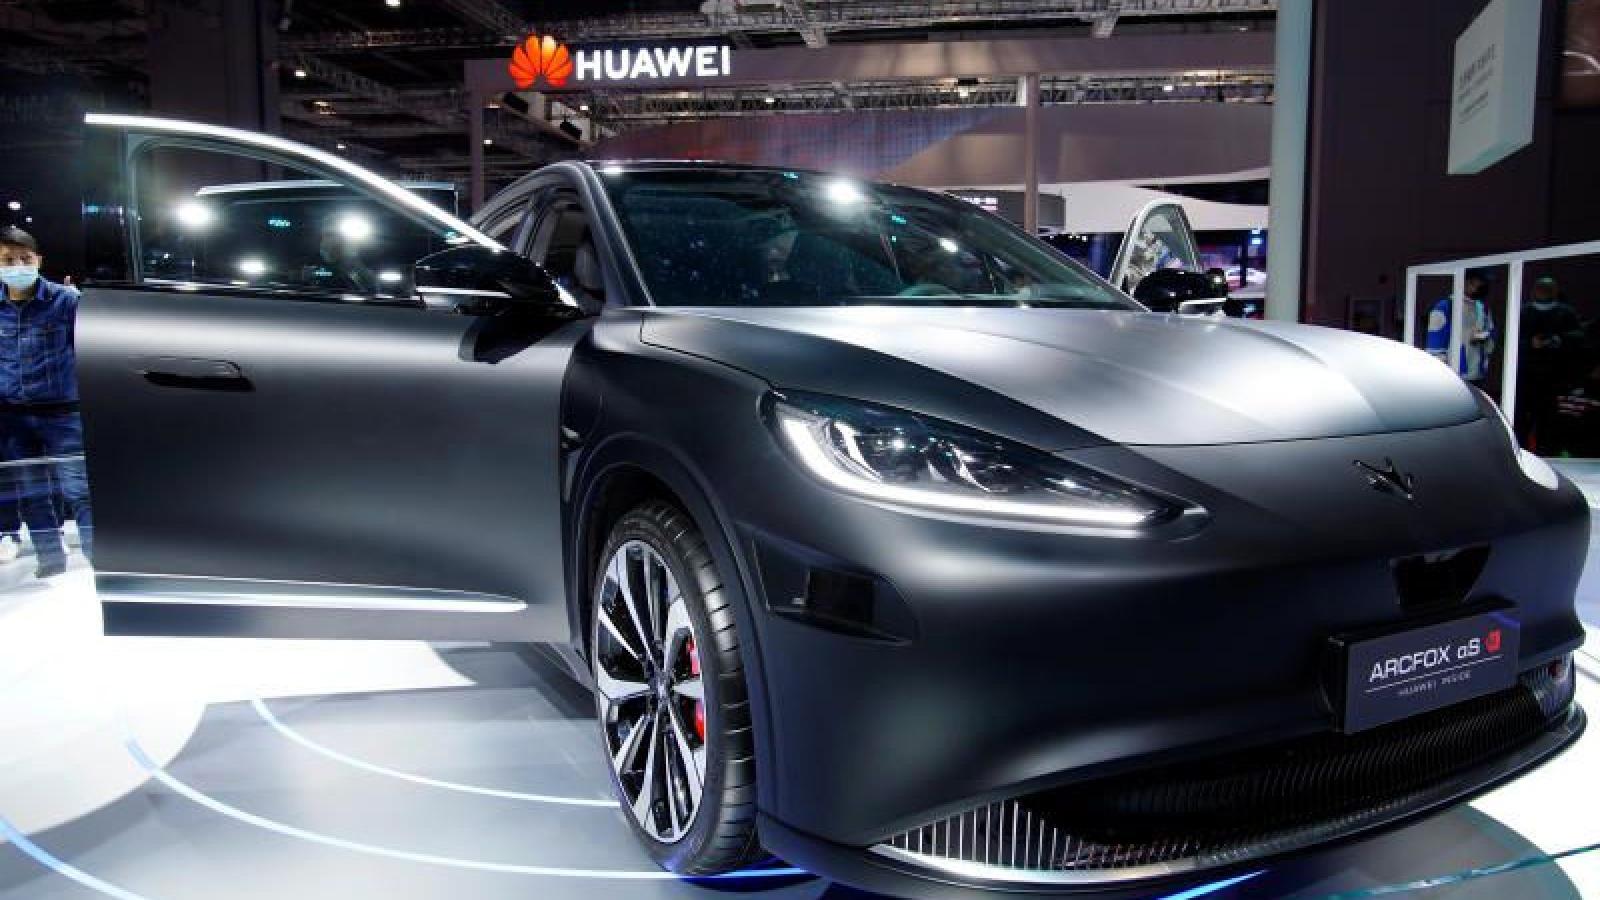 Kinh doanh smartphone giảm sút, Huawei đặt cược 1 tỷ USD vào ô tô